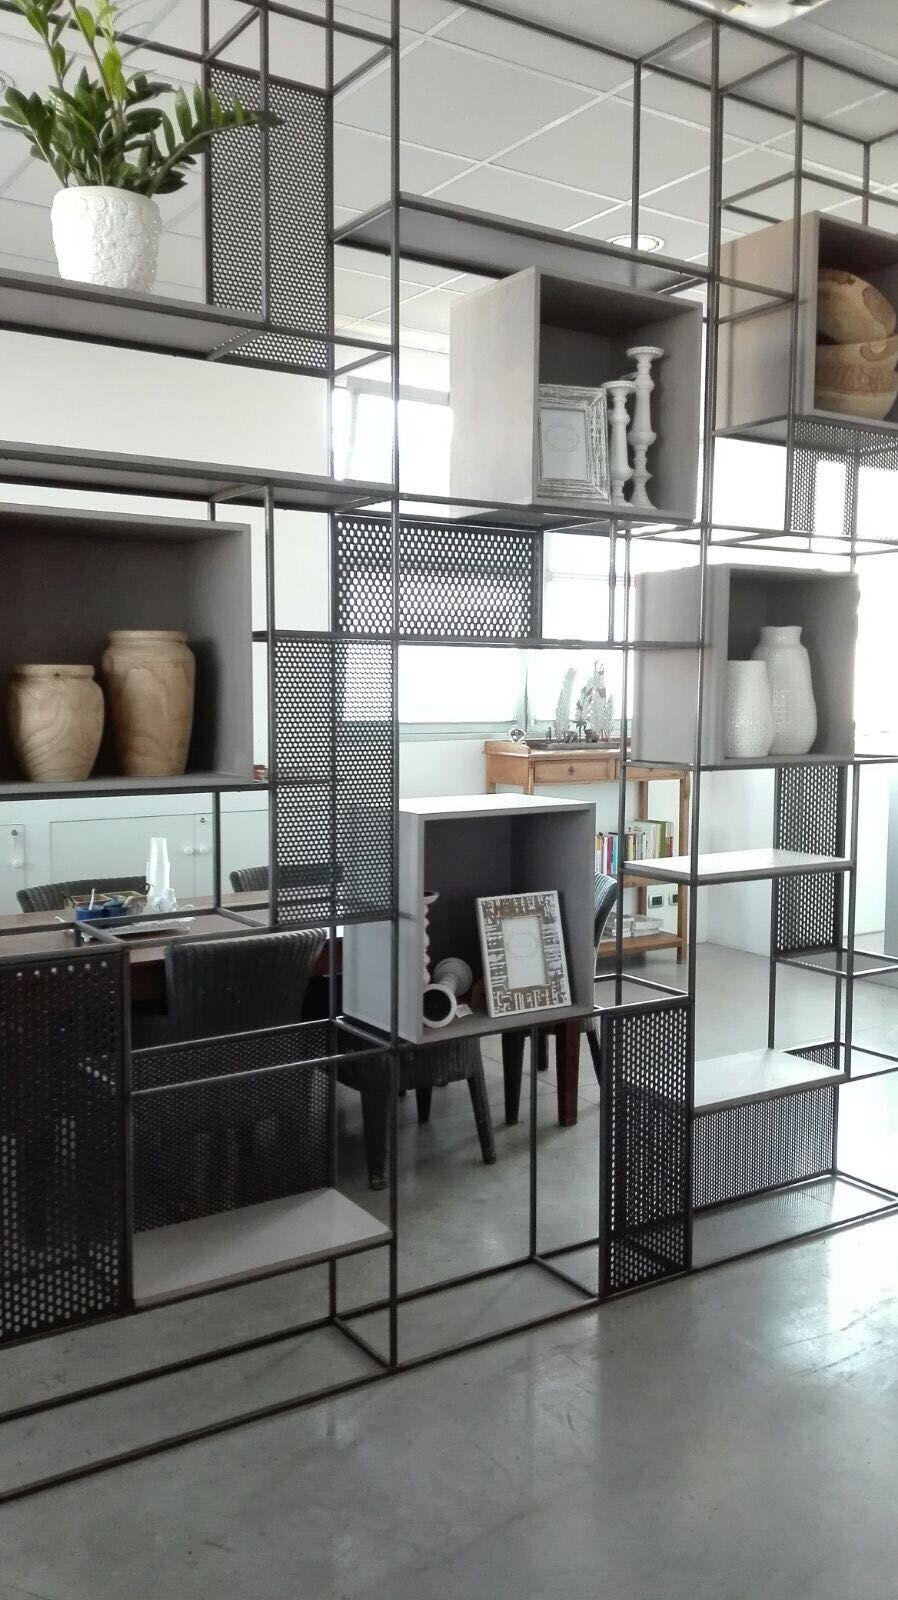 Mobili In Ferro Design.Lavorazioni In Ferro Furniture Design Scaffali Casa